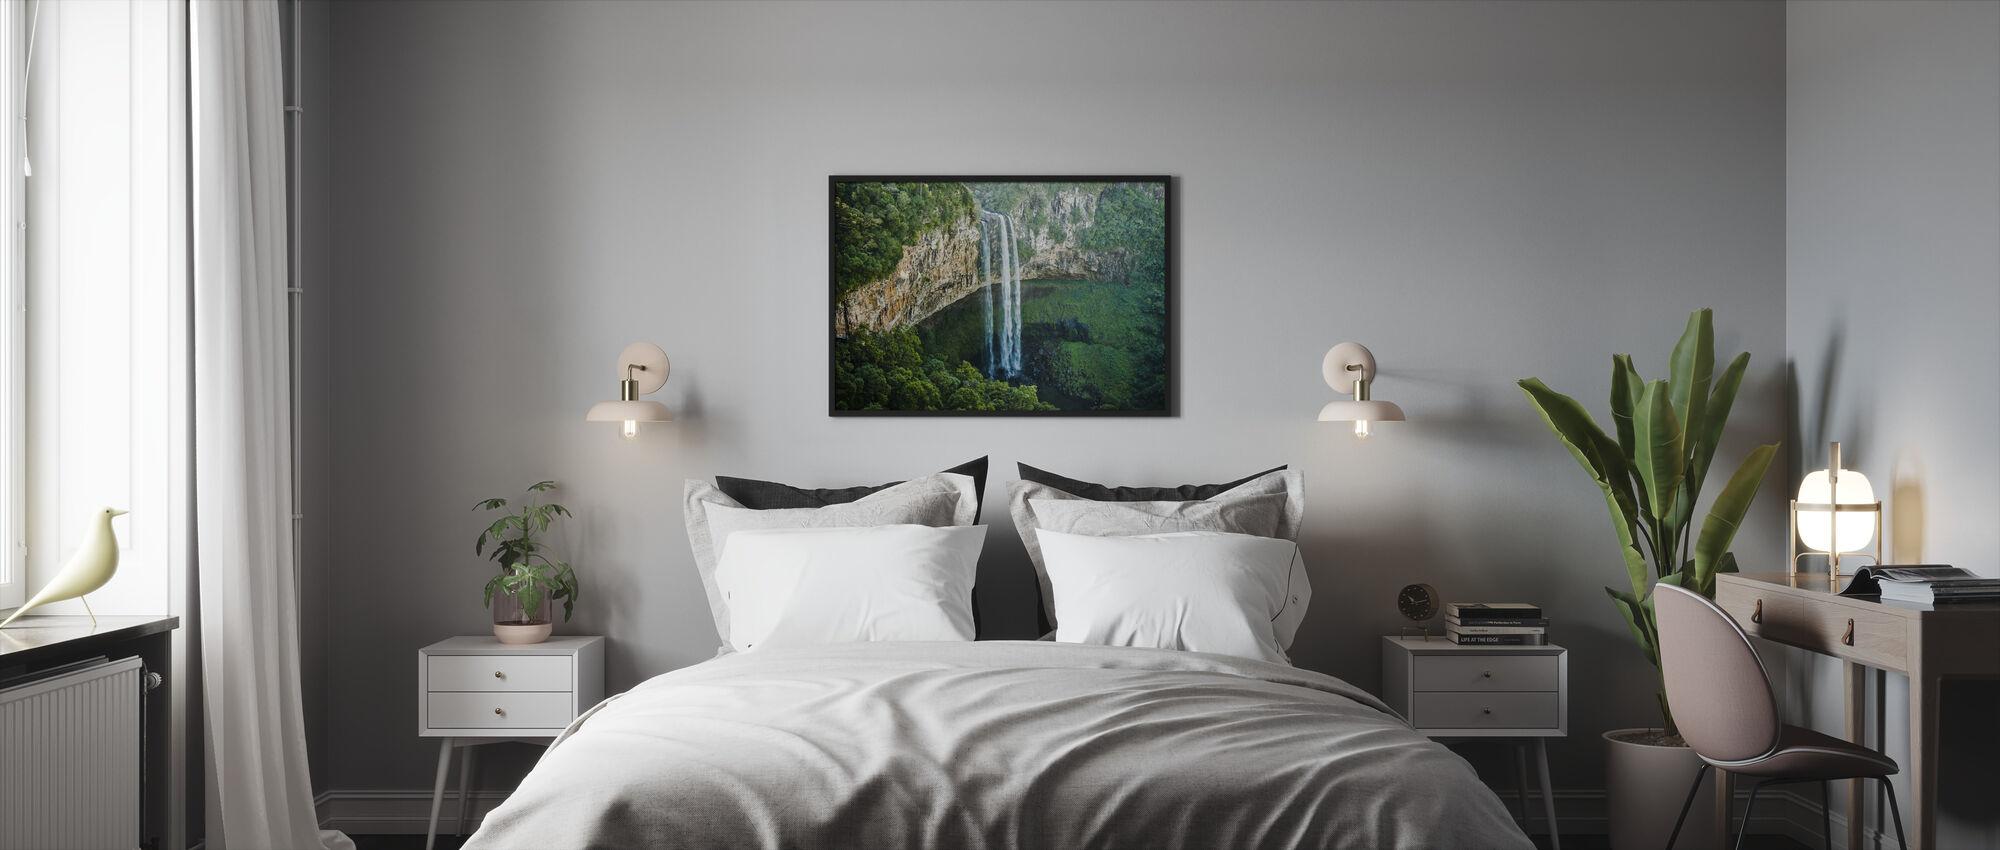 Hoge Duik - Ingelijste print - Slaapkamer